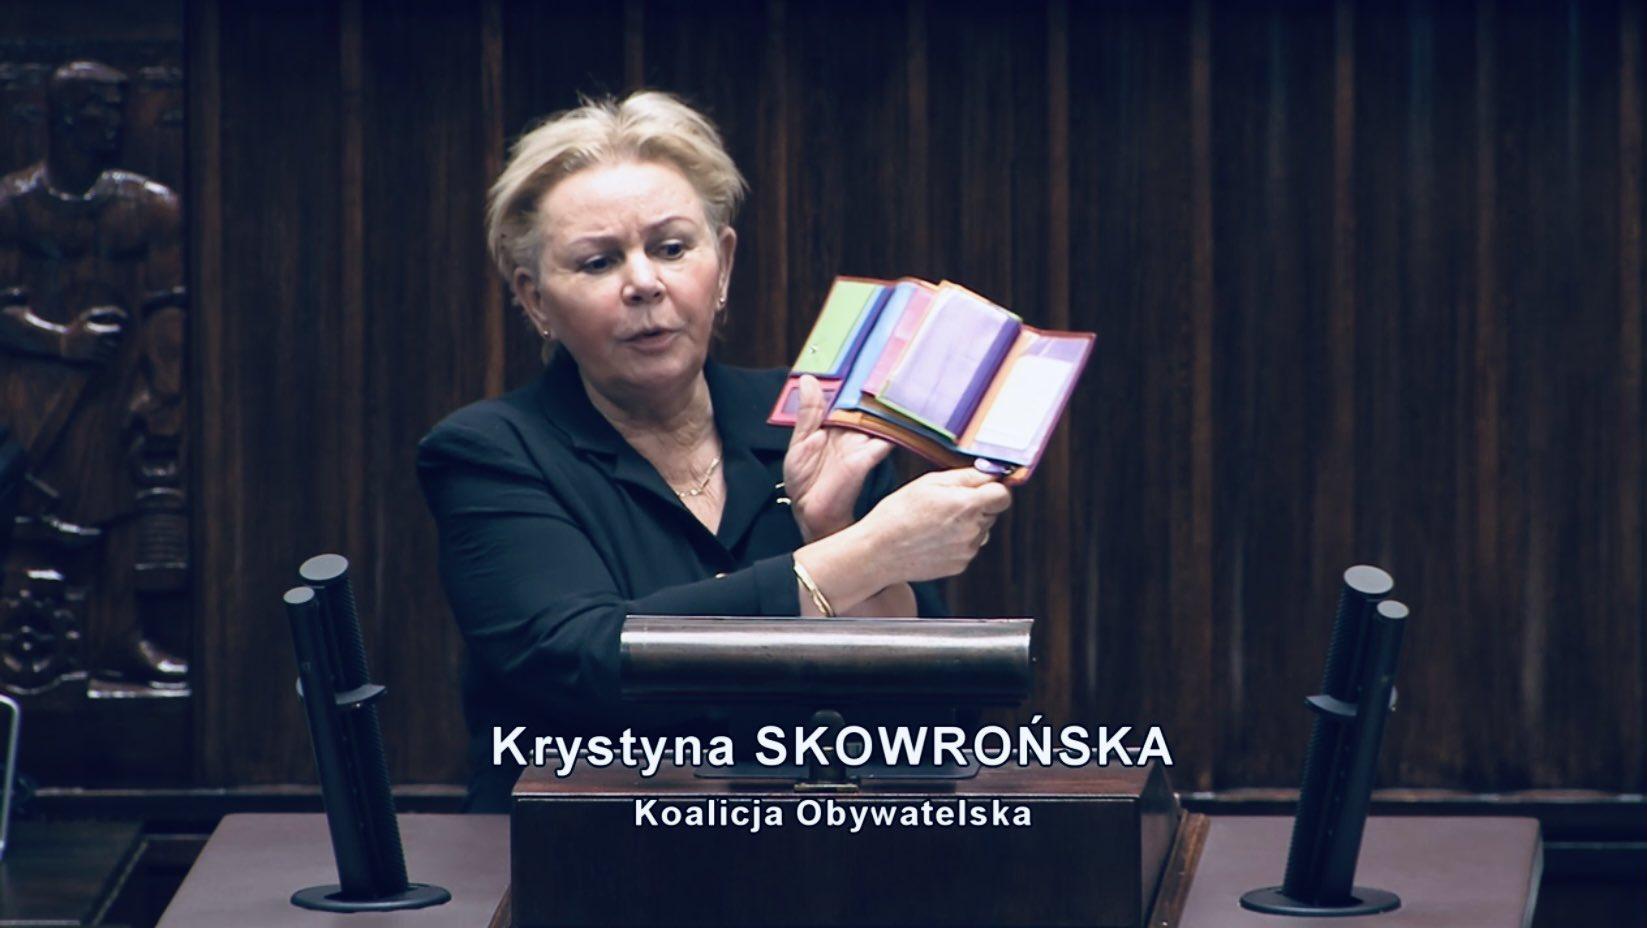 Poseł Krystyna Skowrońska pokazuje jak rząd grabi Polaków! Zobacz wideo - Zdjęcie główne